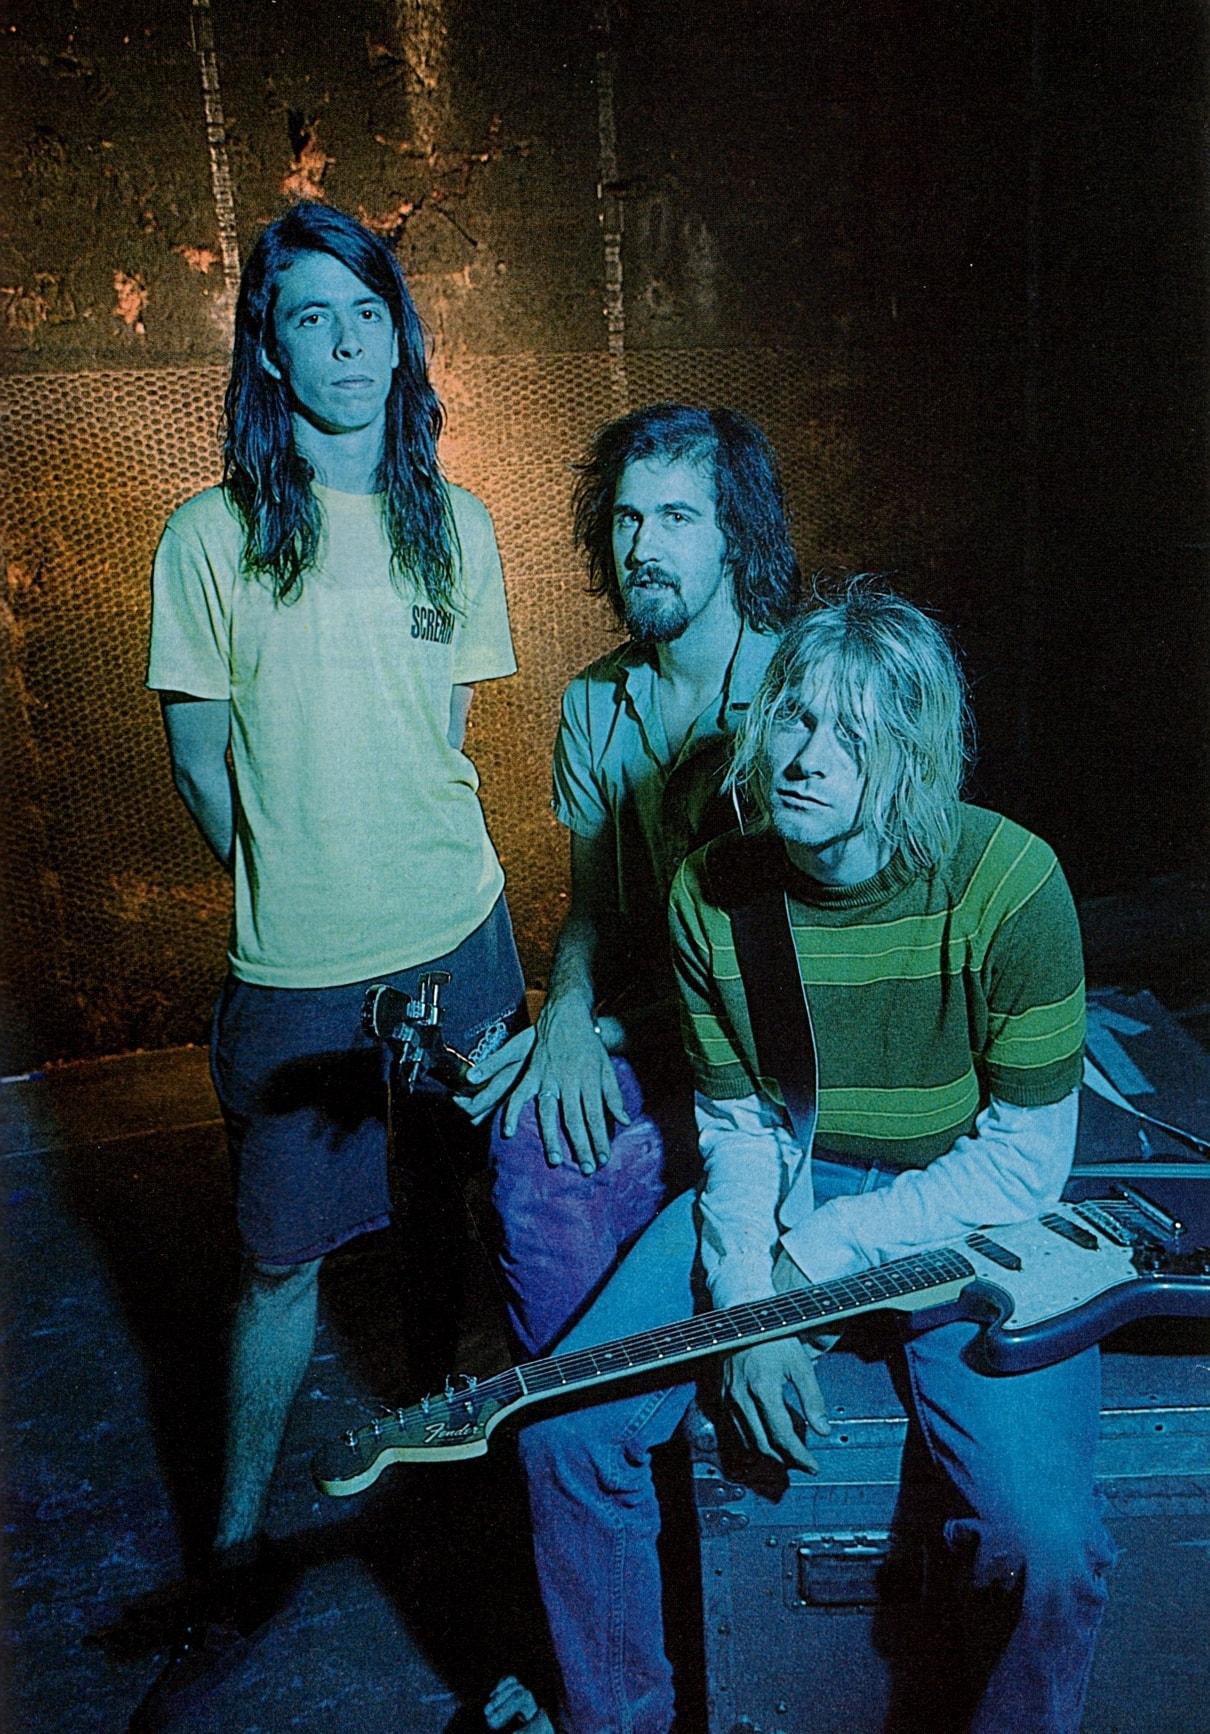 Nirvana Full Hd Wallpapers For Mobile